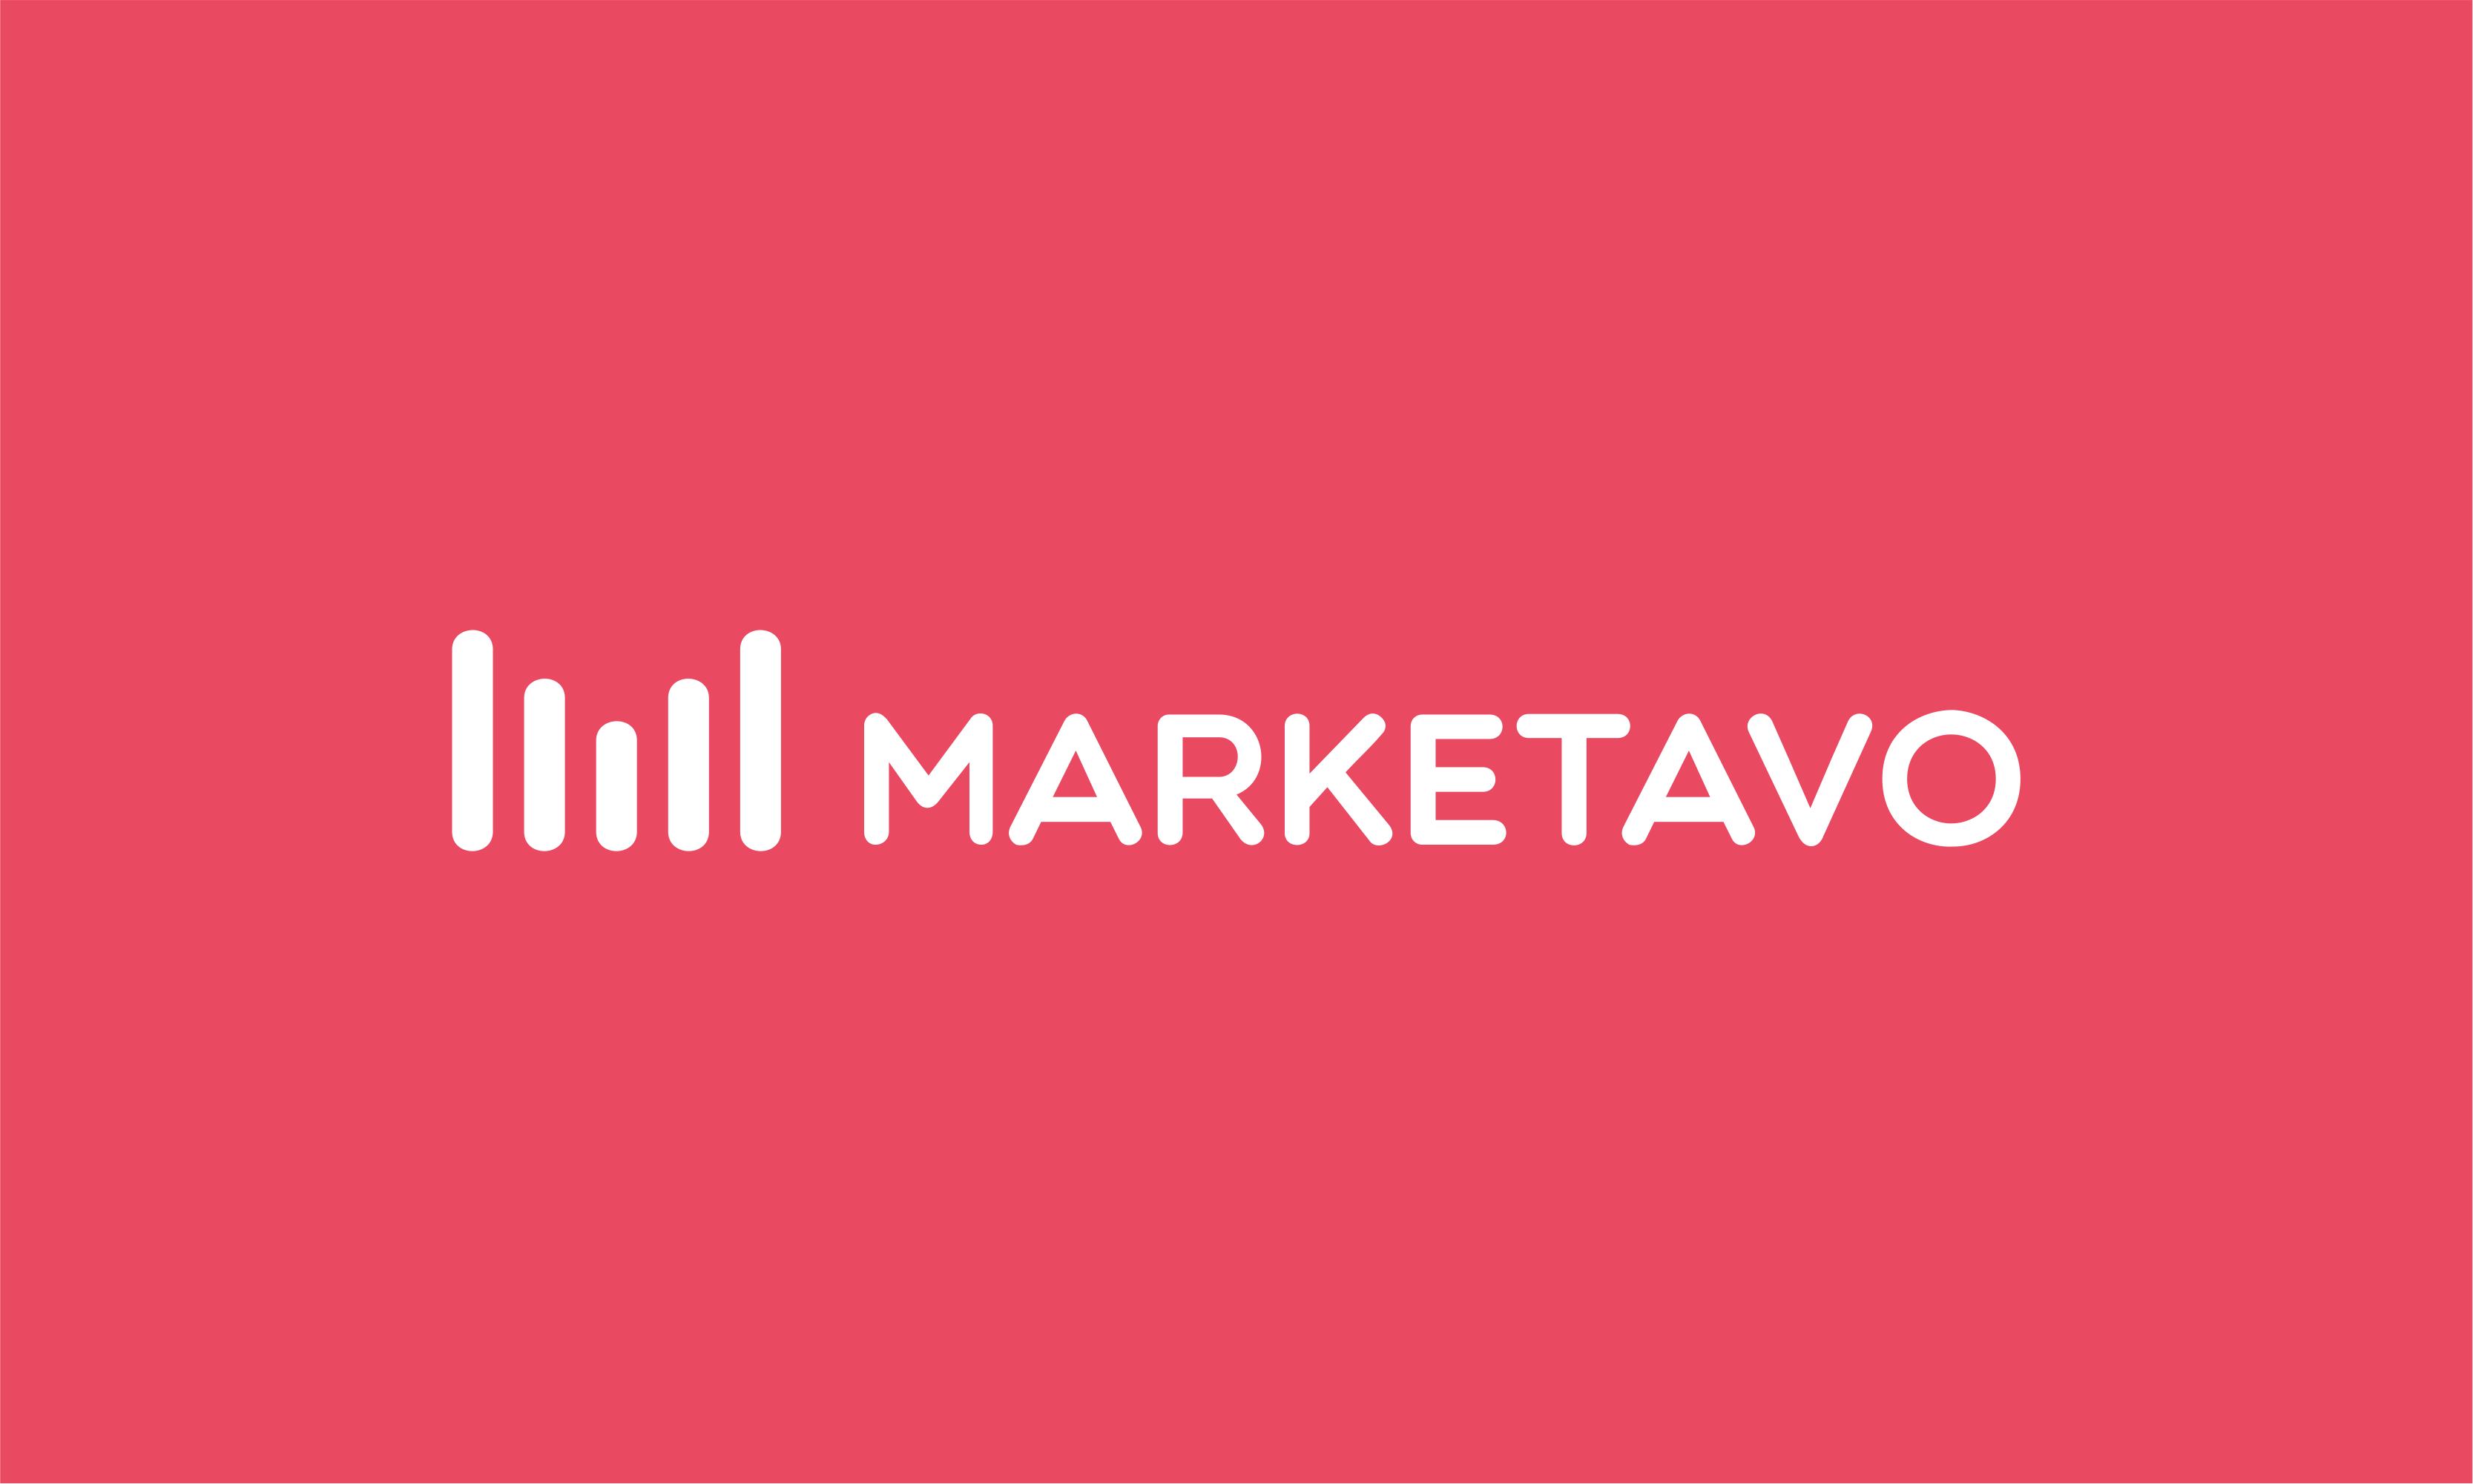 marketavo.com